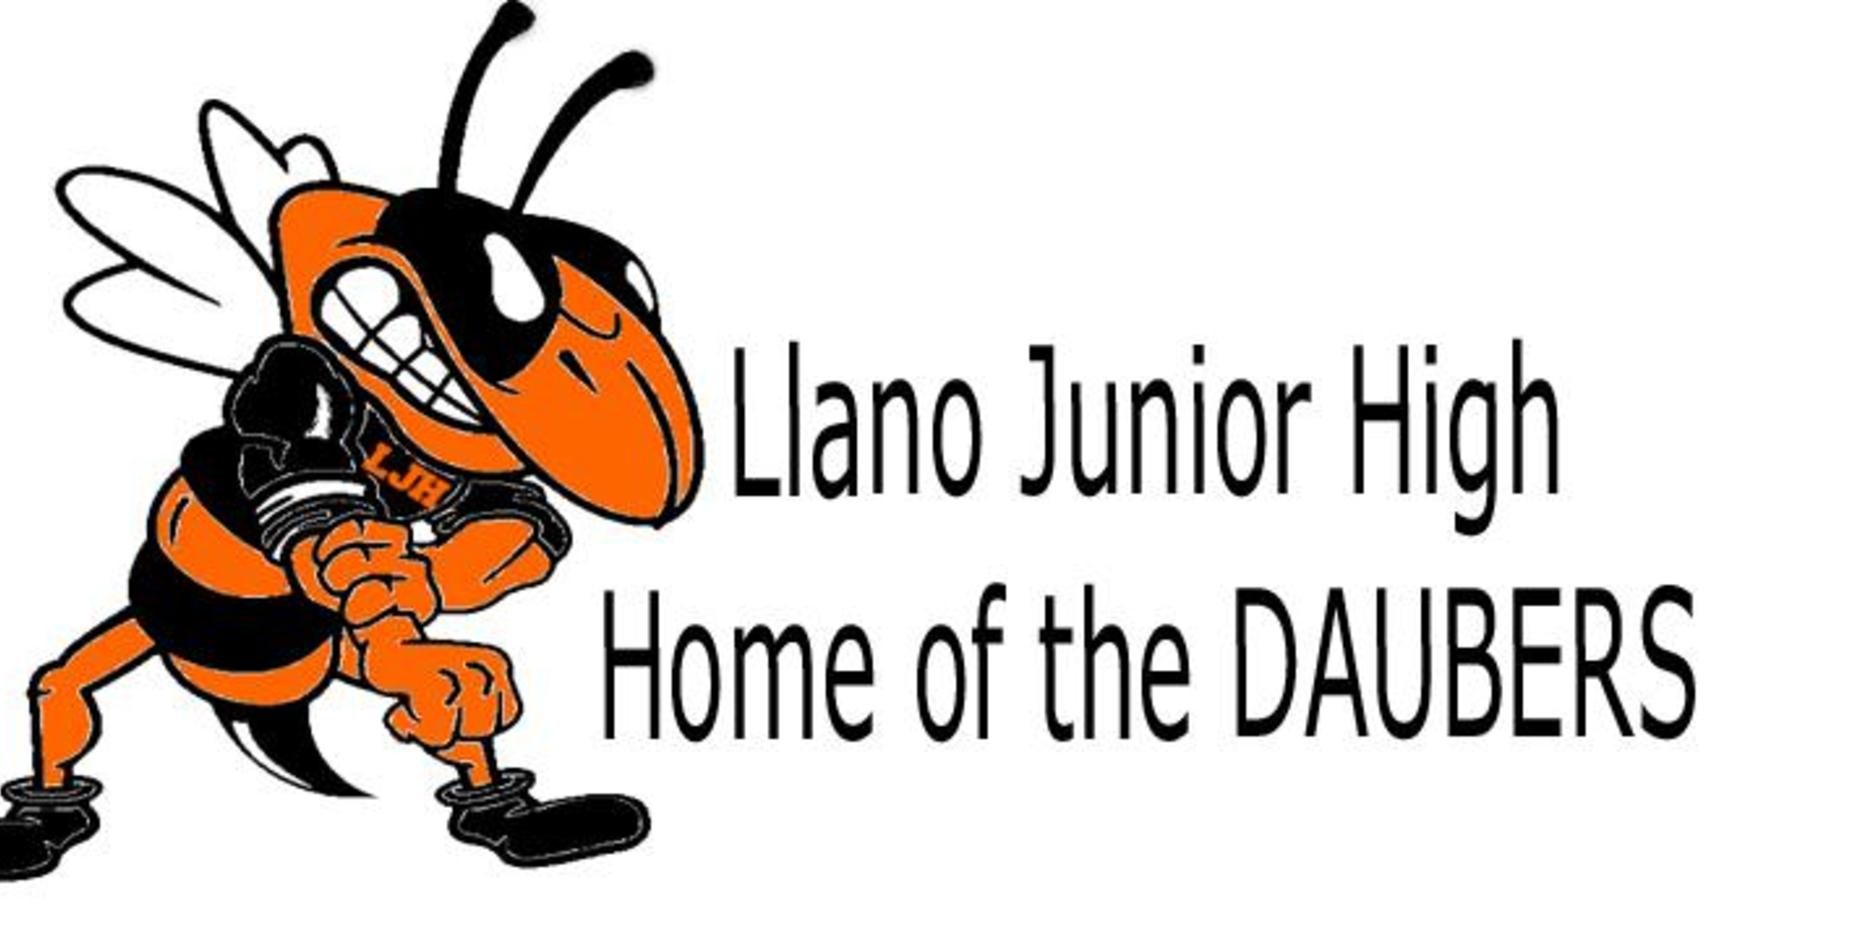 Llano Junior High Home of the Daubers